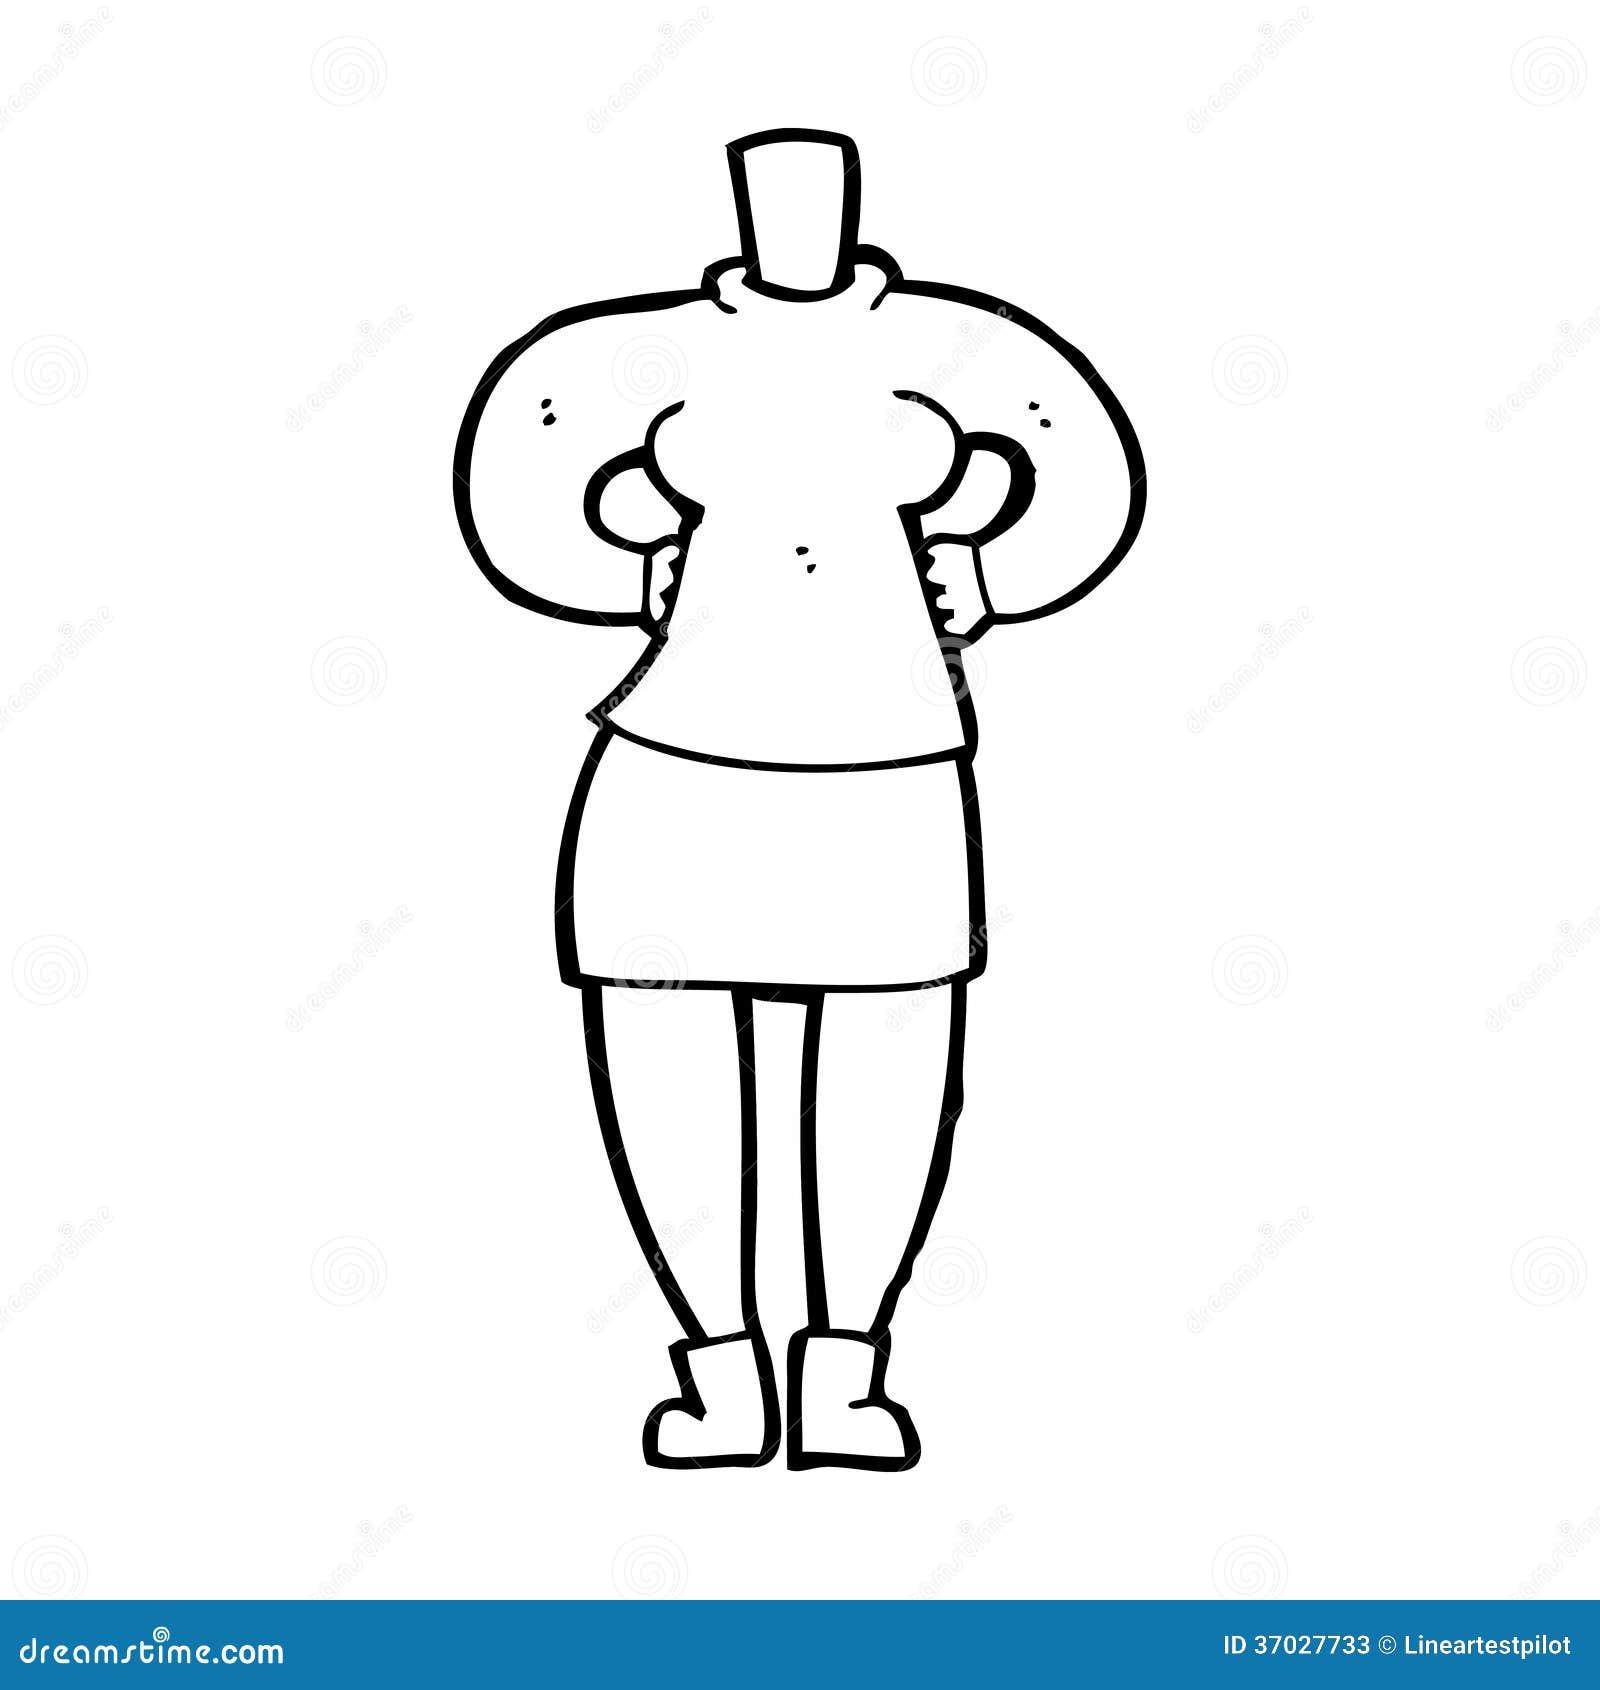 Full Body Cartoon Women Drawings